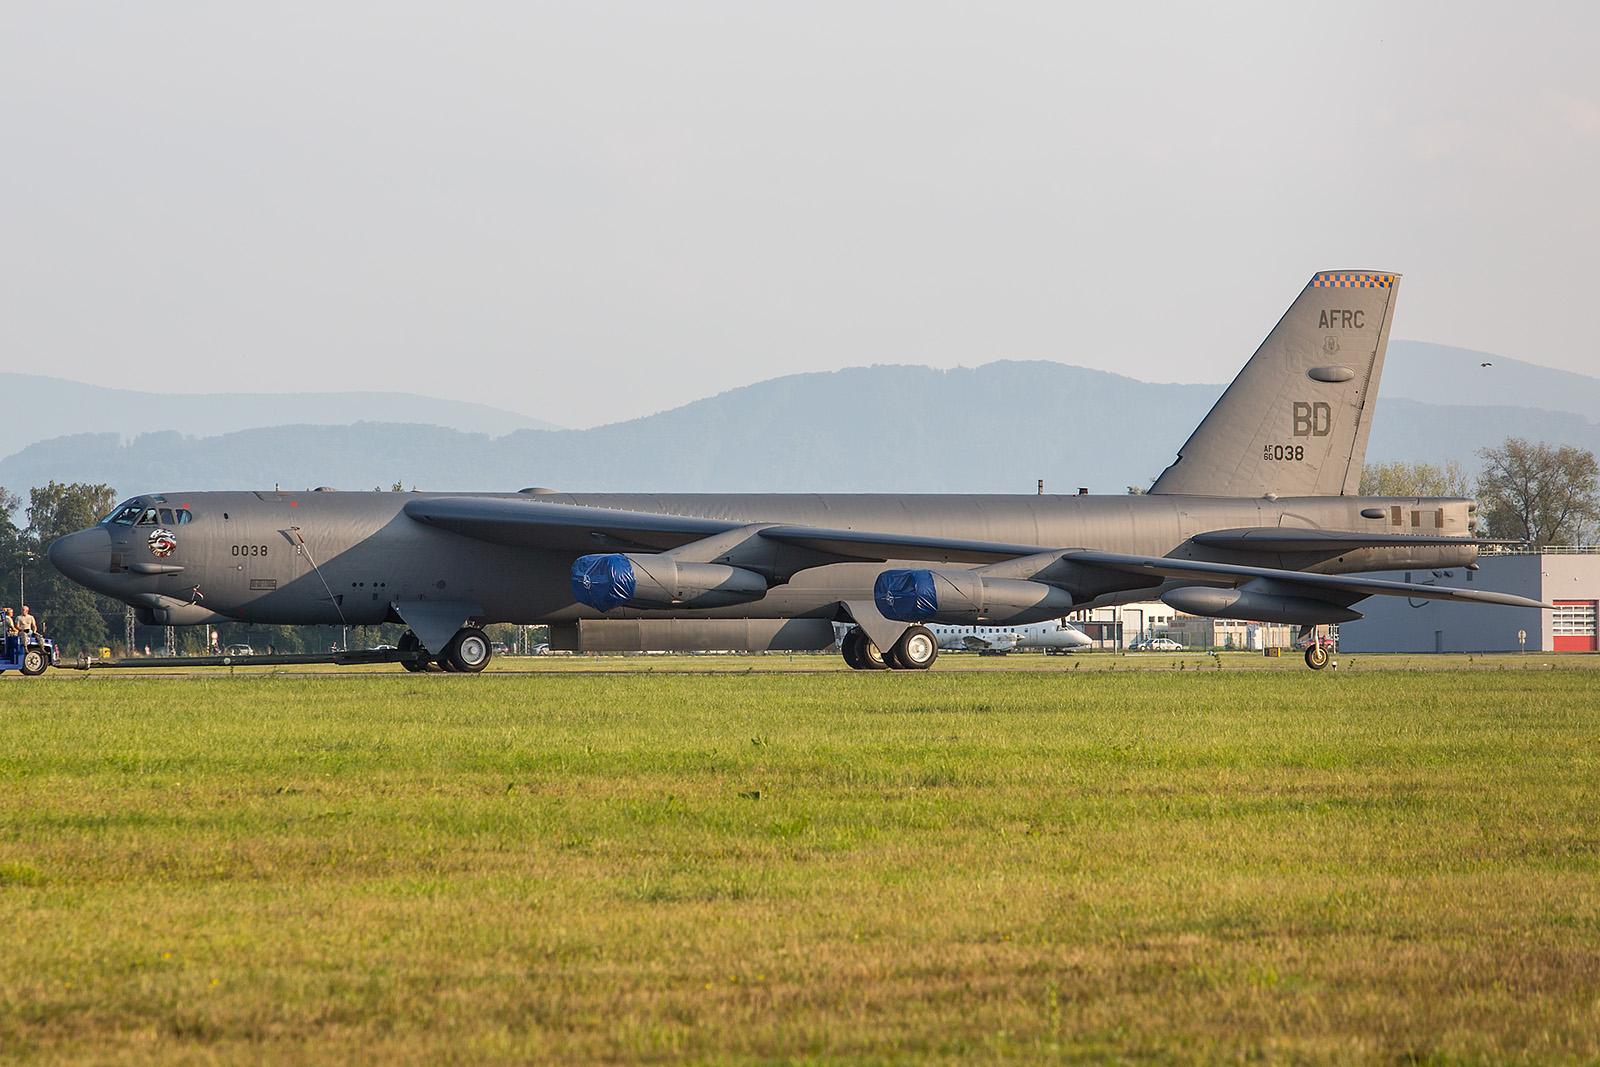 Towing the Buff, am Vorabend der Show wird die B-52 an ihre Abstellposition gebracht.